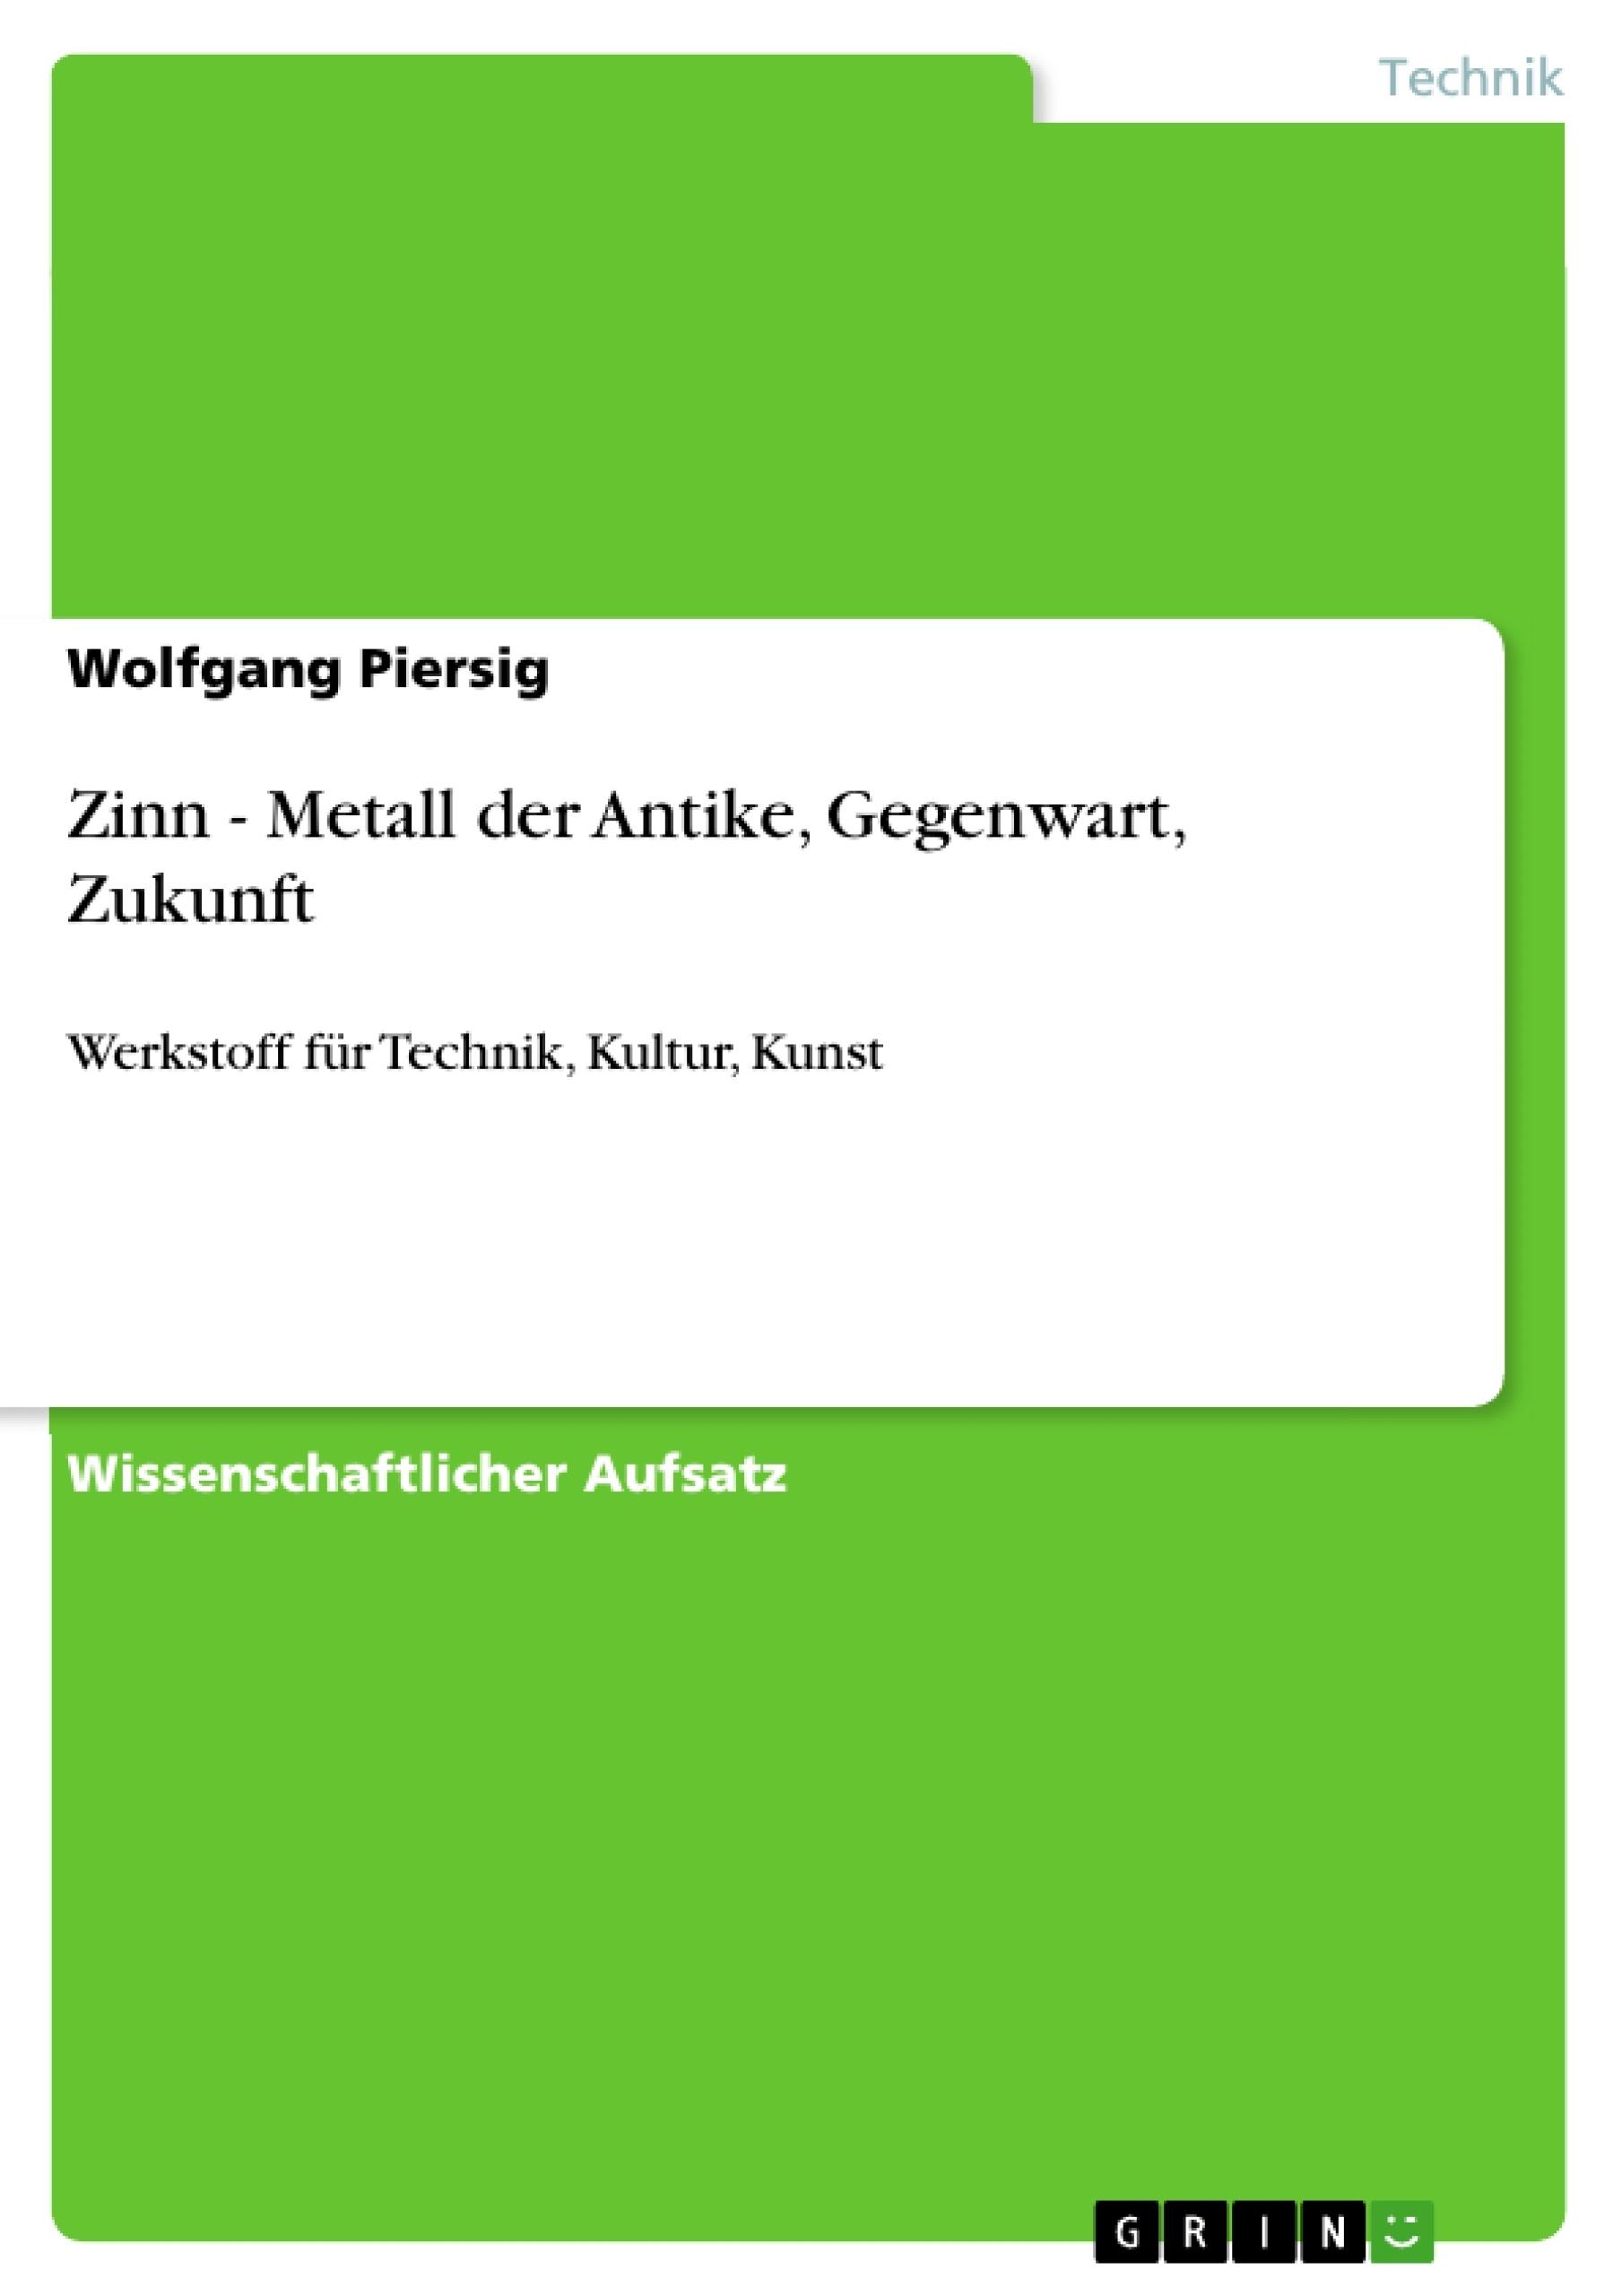 Zinn - Metall der Antike, Gegenwart, Zukunft | Masterarbeit ...